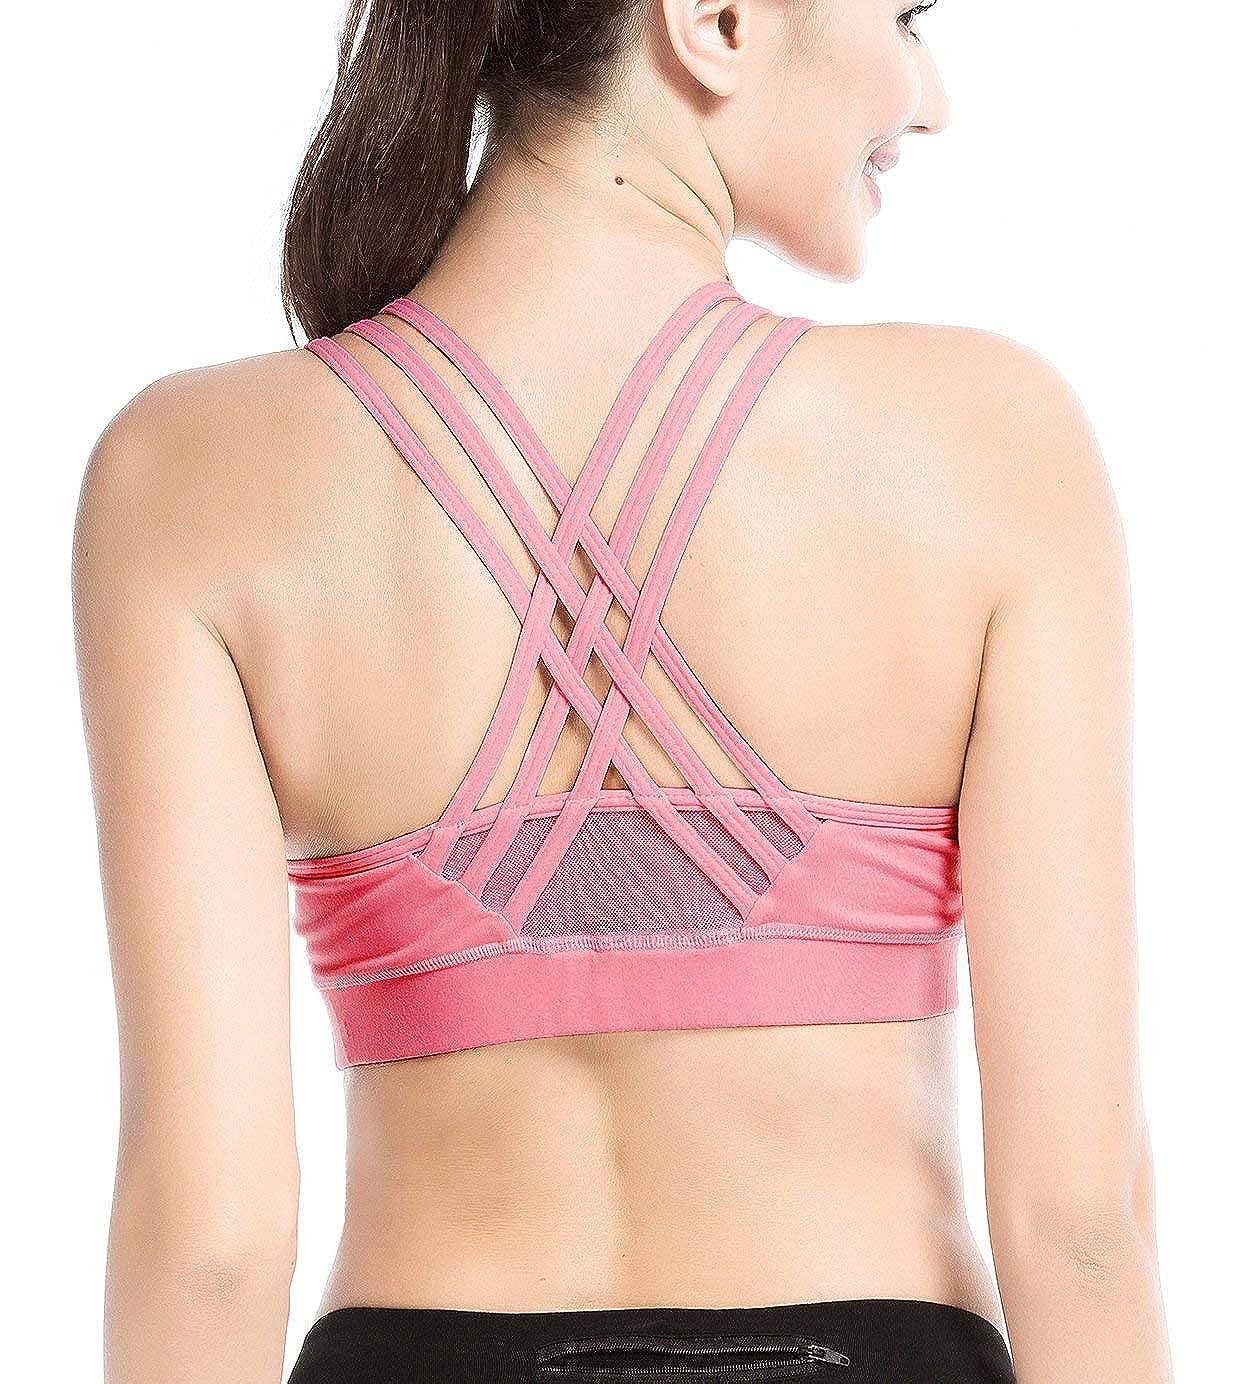 YIANNA Mujer Sujetador Deportivo Yoga Sin Costura Sin Aros Crop Top Deporte Fitness con Almohadillas Extraíbles